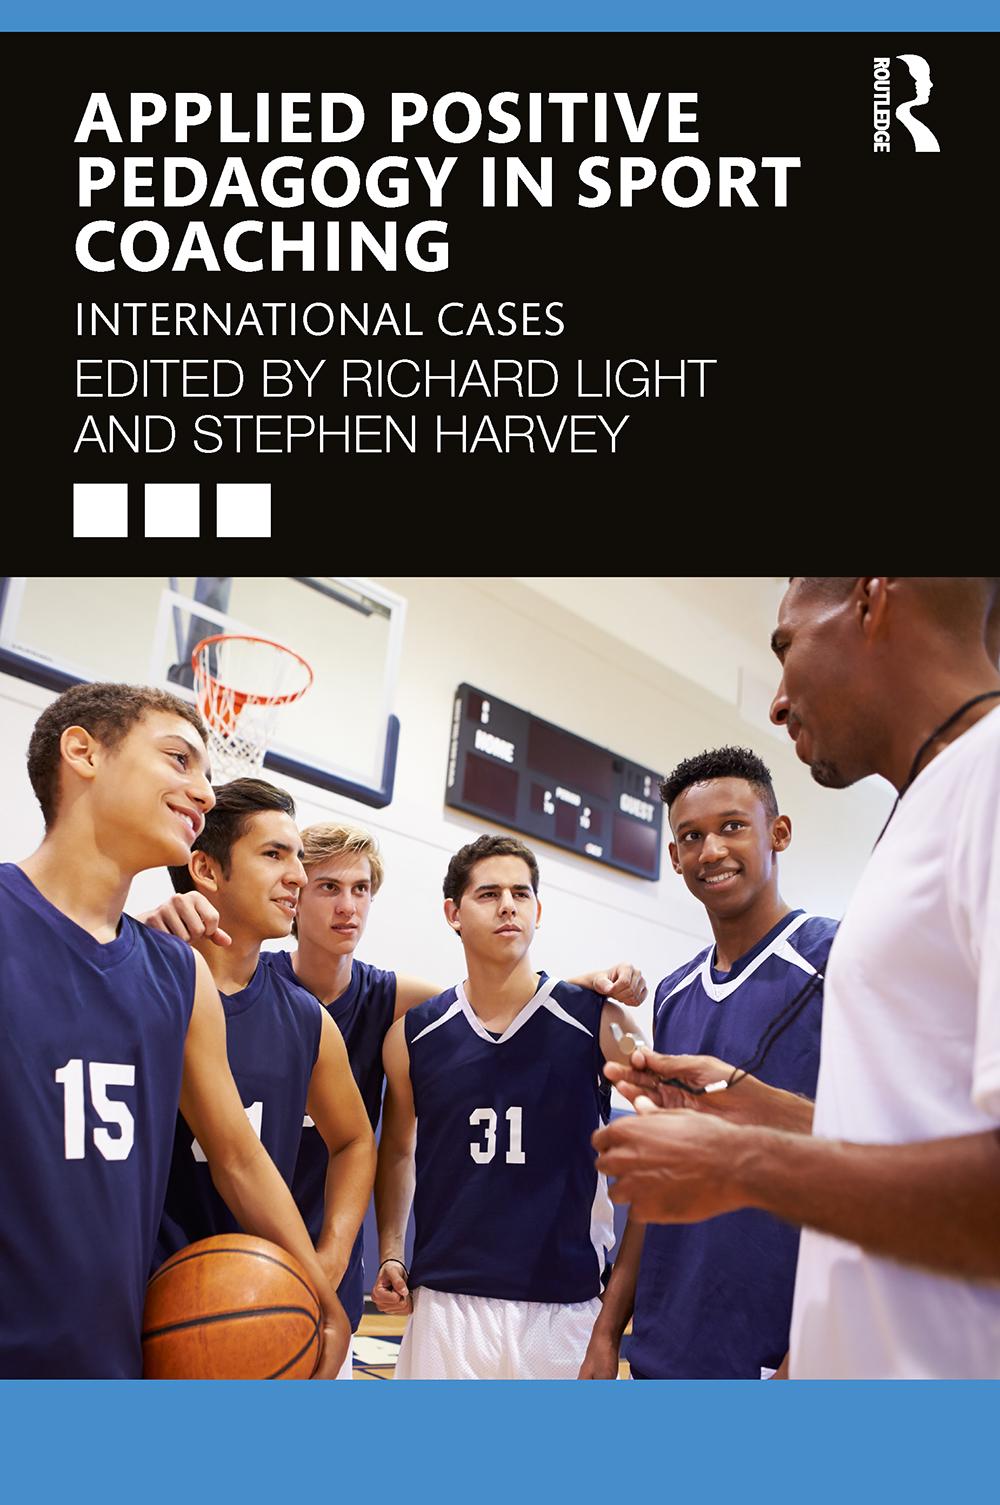 Applied Positive Pedagogy in Sport Coaching